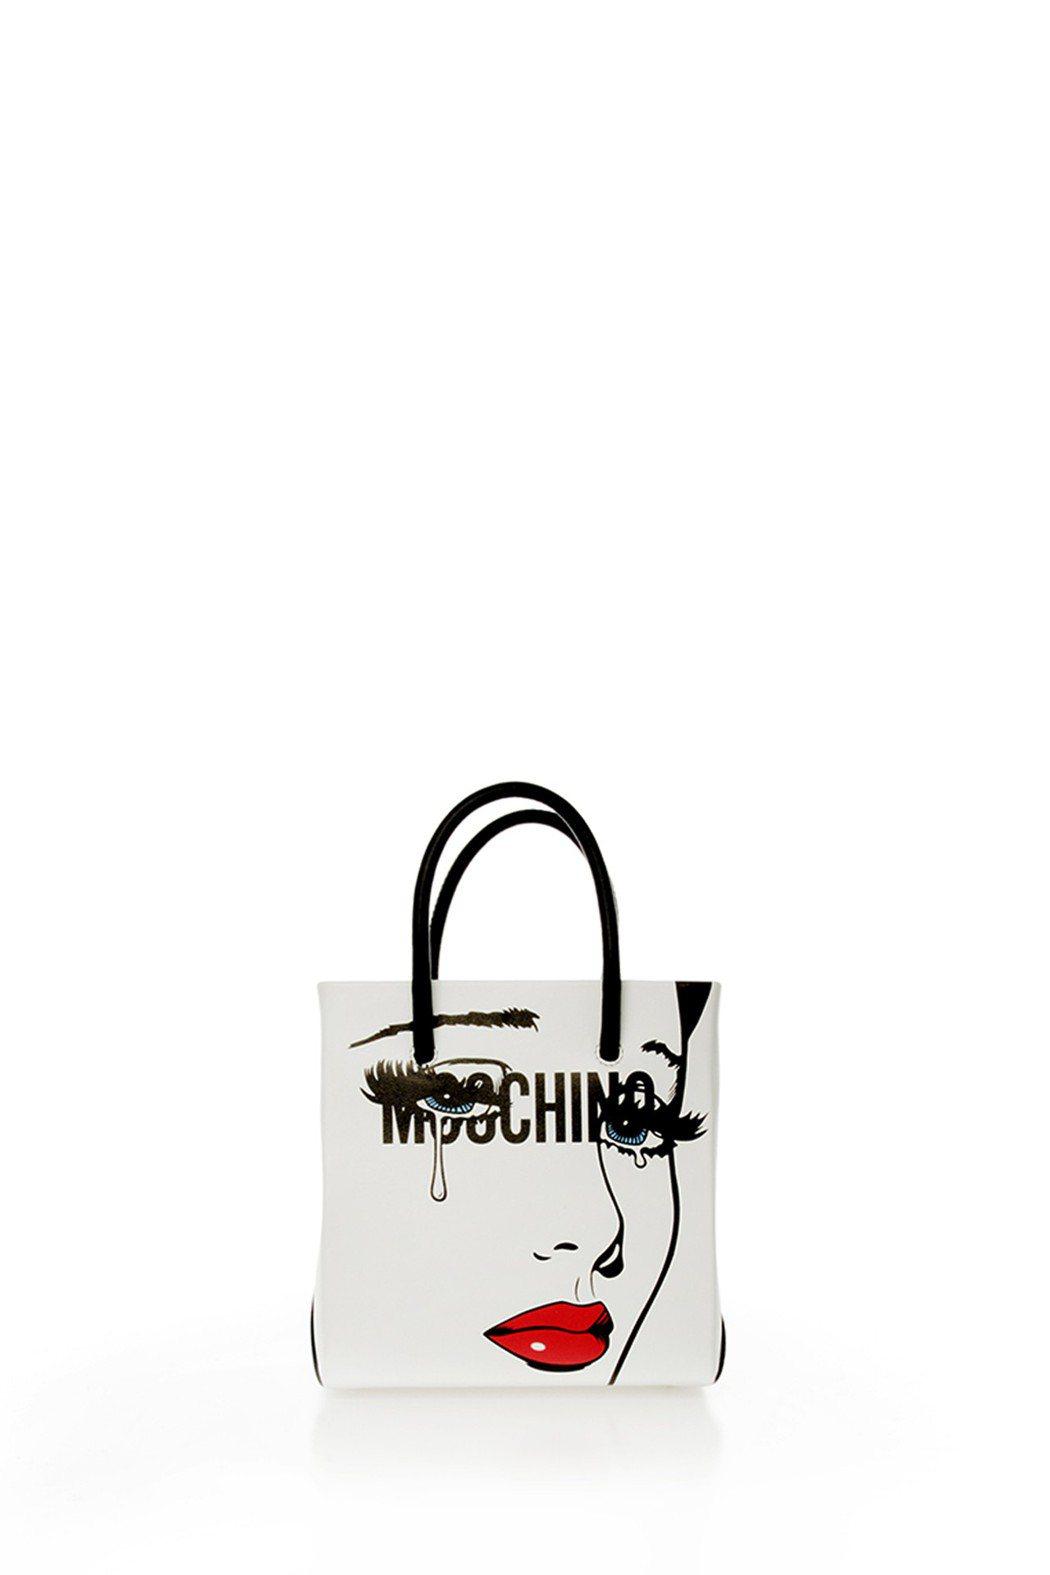 「MOSCHINO EYES」系列包款,49,500元。圖/MOSCHINO提供